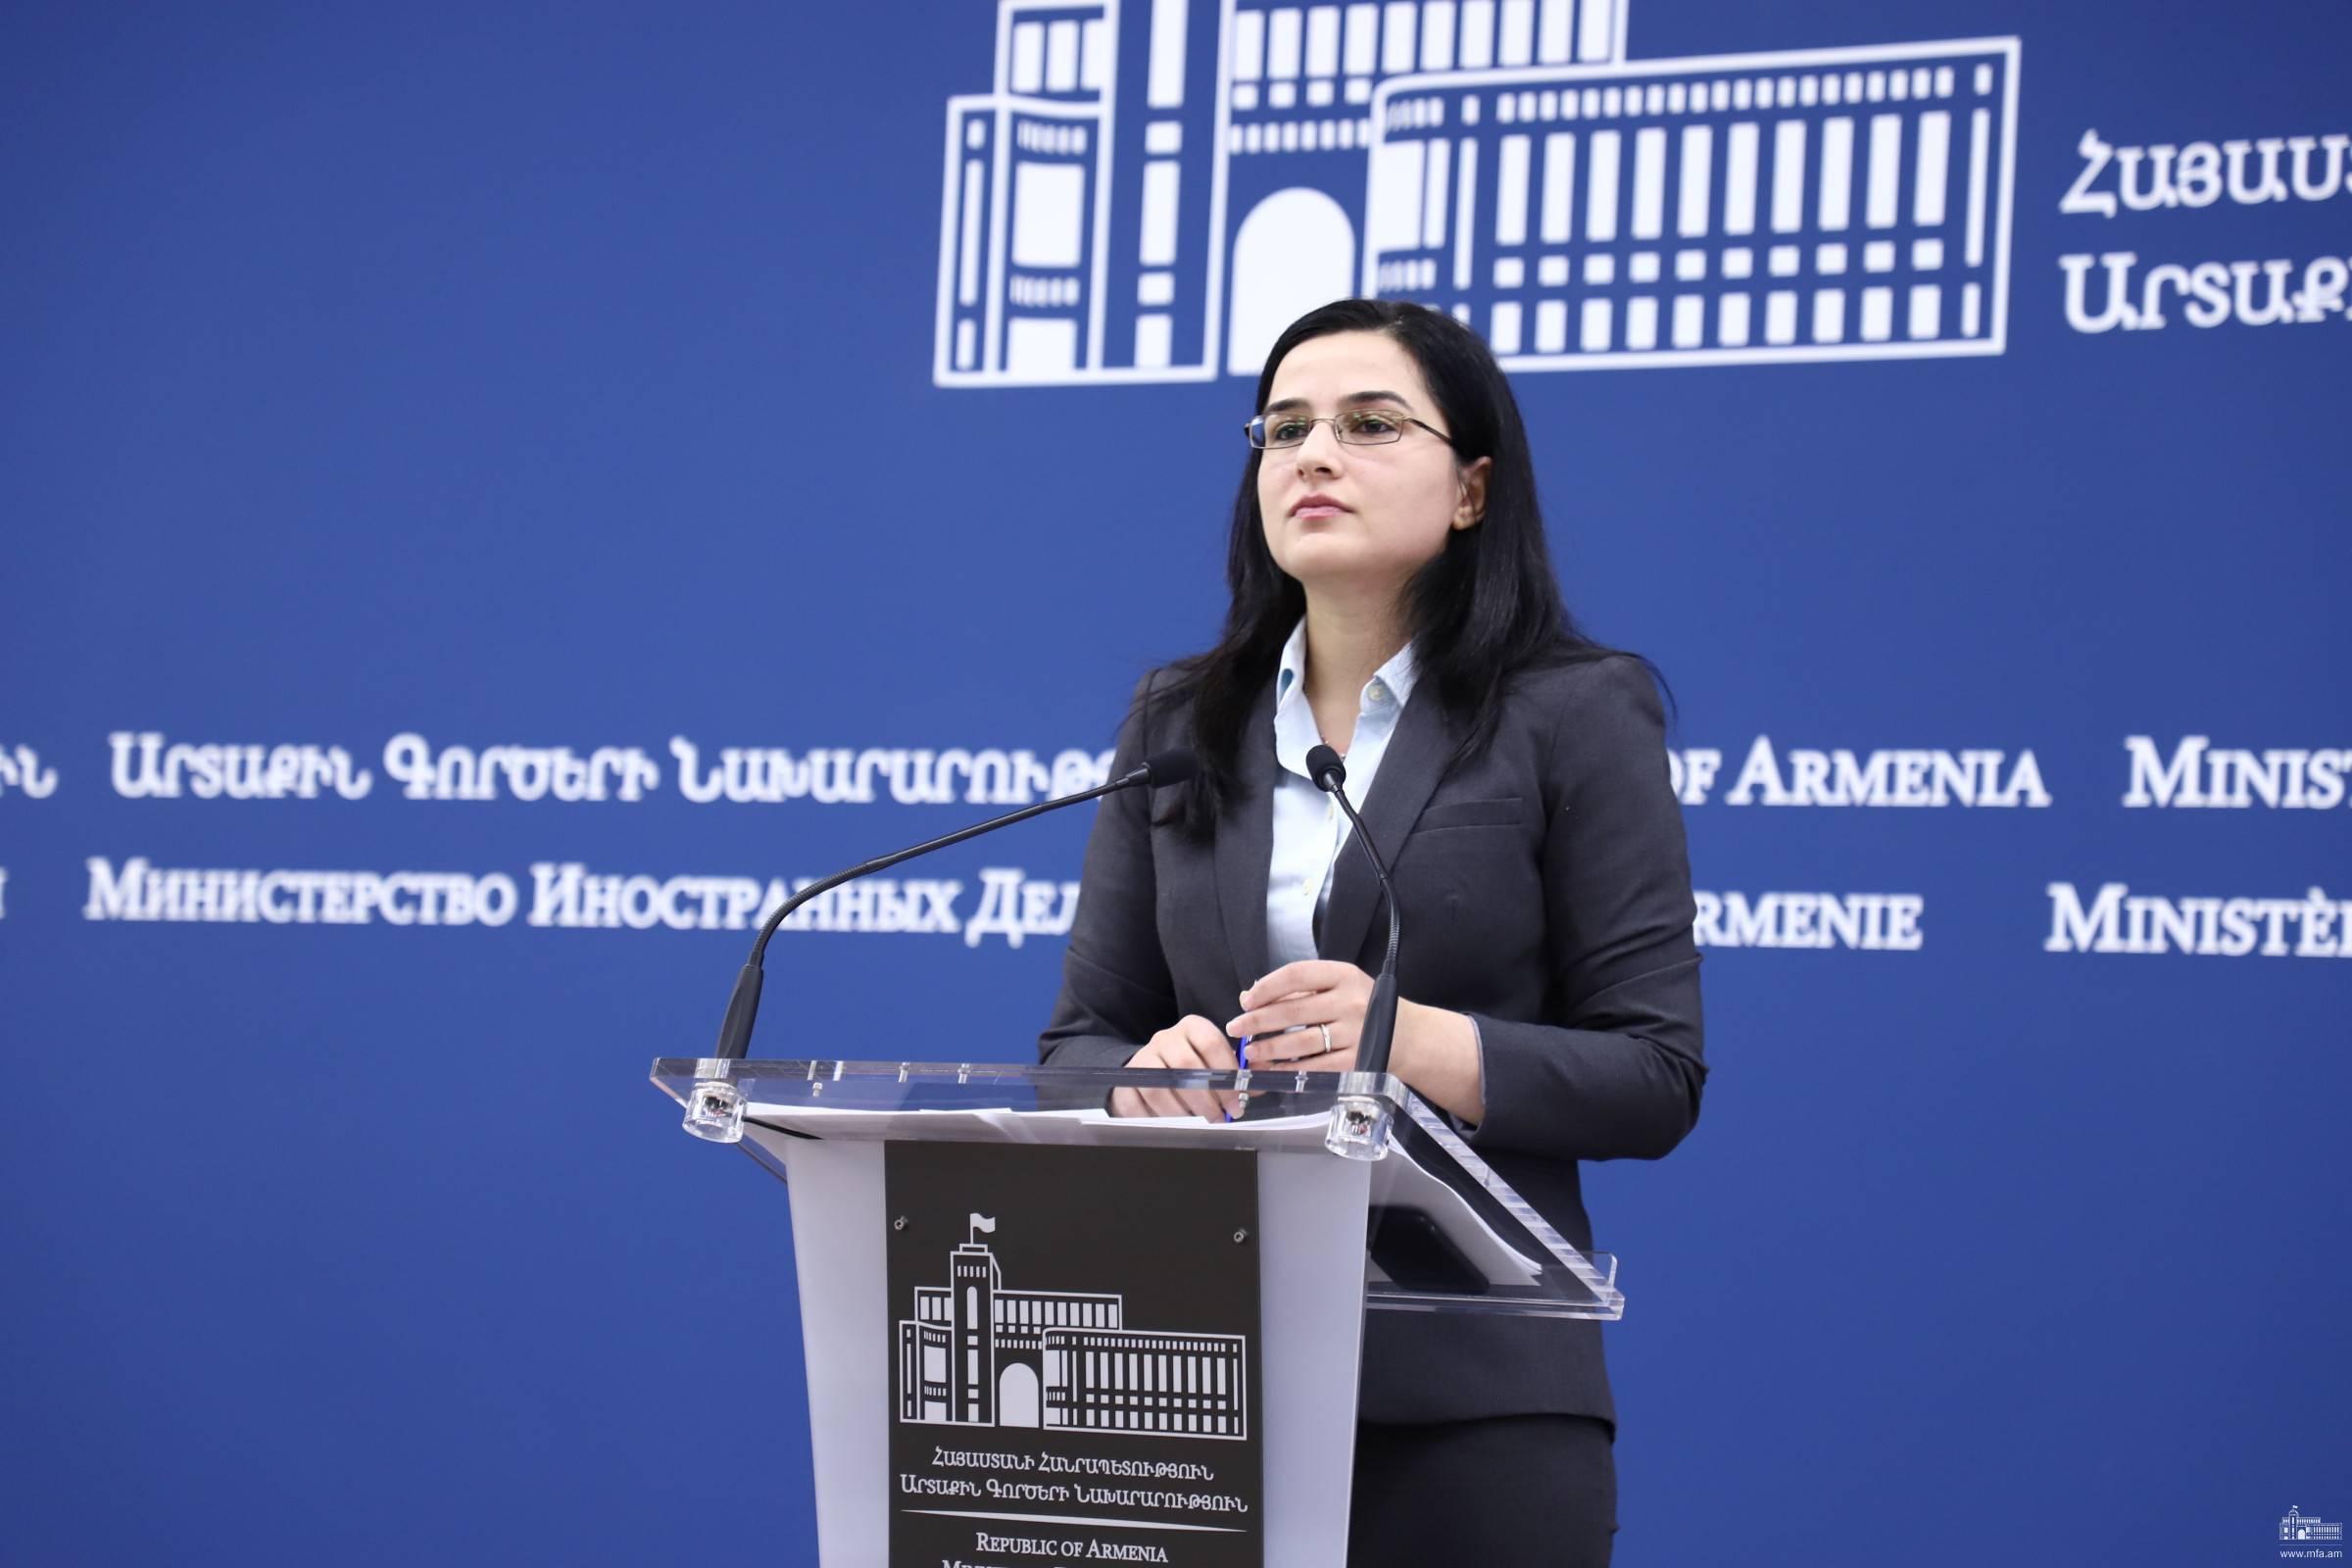 ԱԳՆ մամուլի խոսնակի մեկնաբանությունն ի պատասխան Ադրբեջանի ԱԳ նախարարի՝ մոսկովյան հանդիպումից հետո արված հայտարարությունների